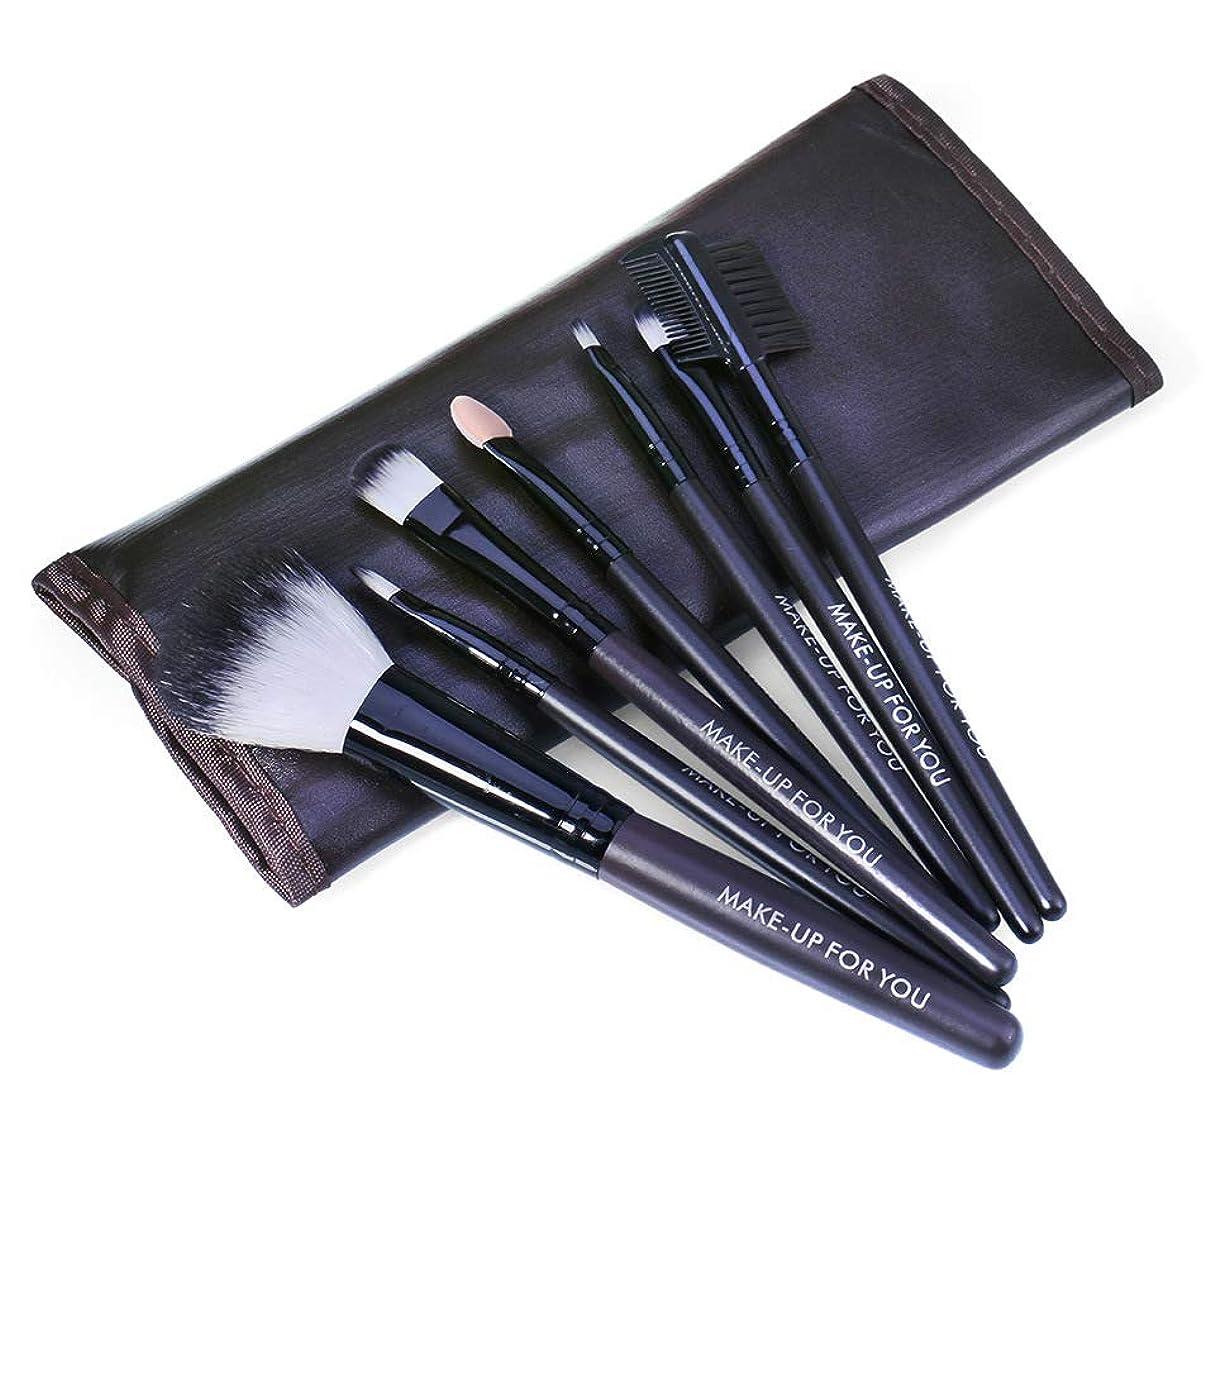 患者処理する外出ACHICOO メイクブラシ 化粧ブラシ7本セット 化粧筆 コスメブラシ ブラシ セット メイクアップブラシ プロフェッショナル仕様 柔らか フェイス化粧品 アイシャドウ ファンデーション ブラッシュブラシ コーヒー色